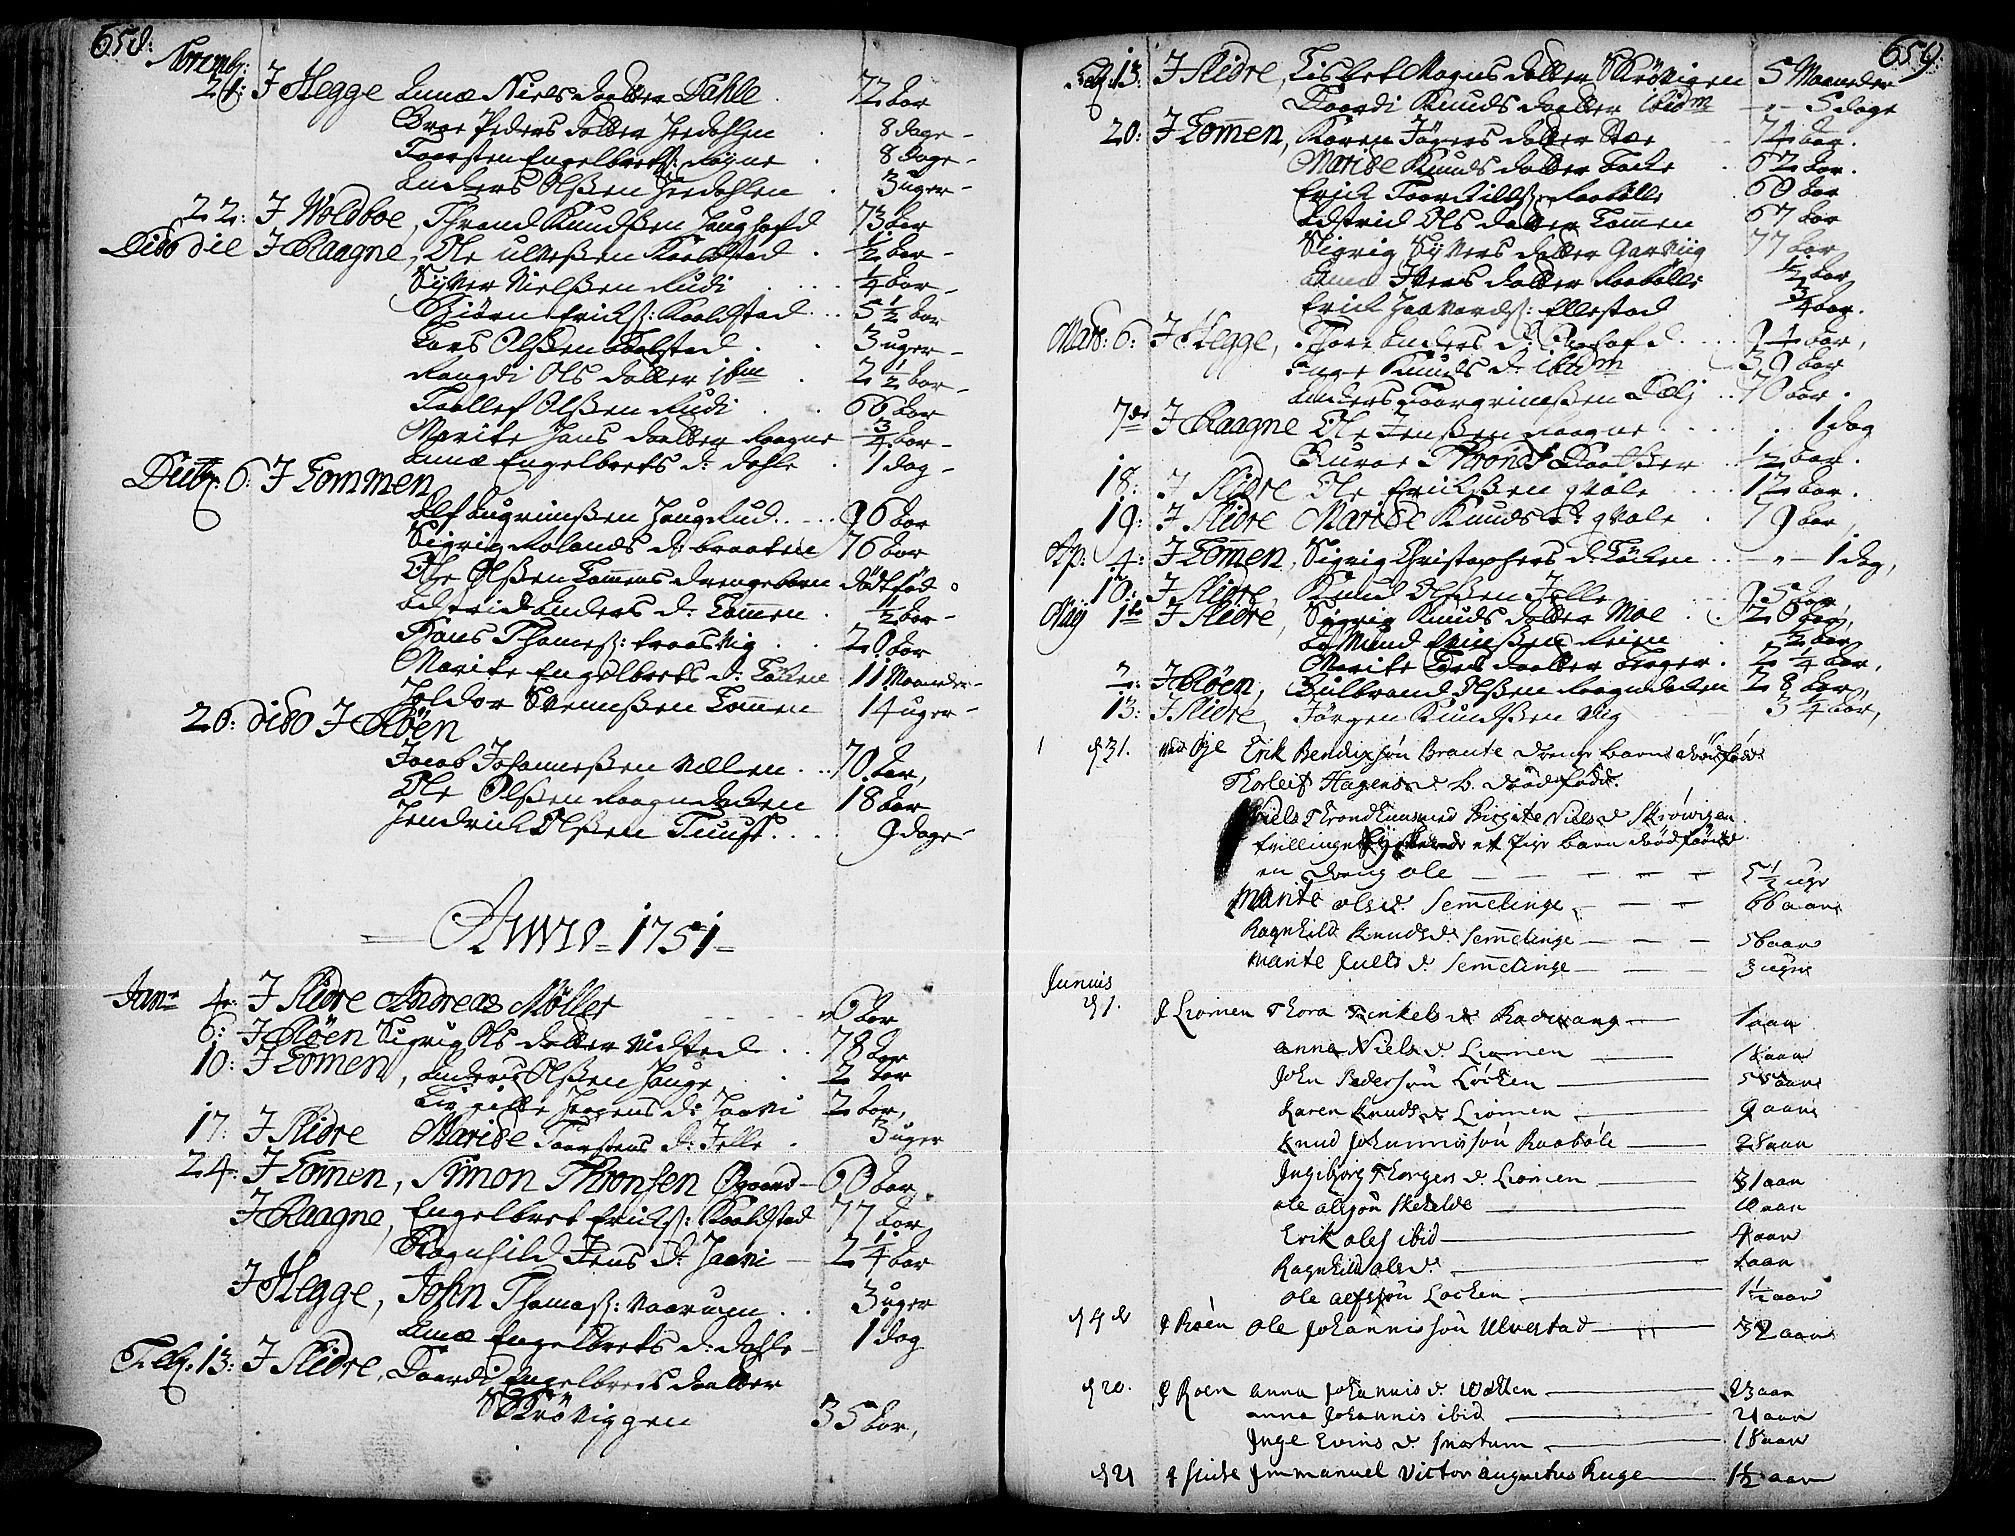 SAH, Slidre prestekontor, Ministerialbok nr. 1, 1724-1814, s. 658-659